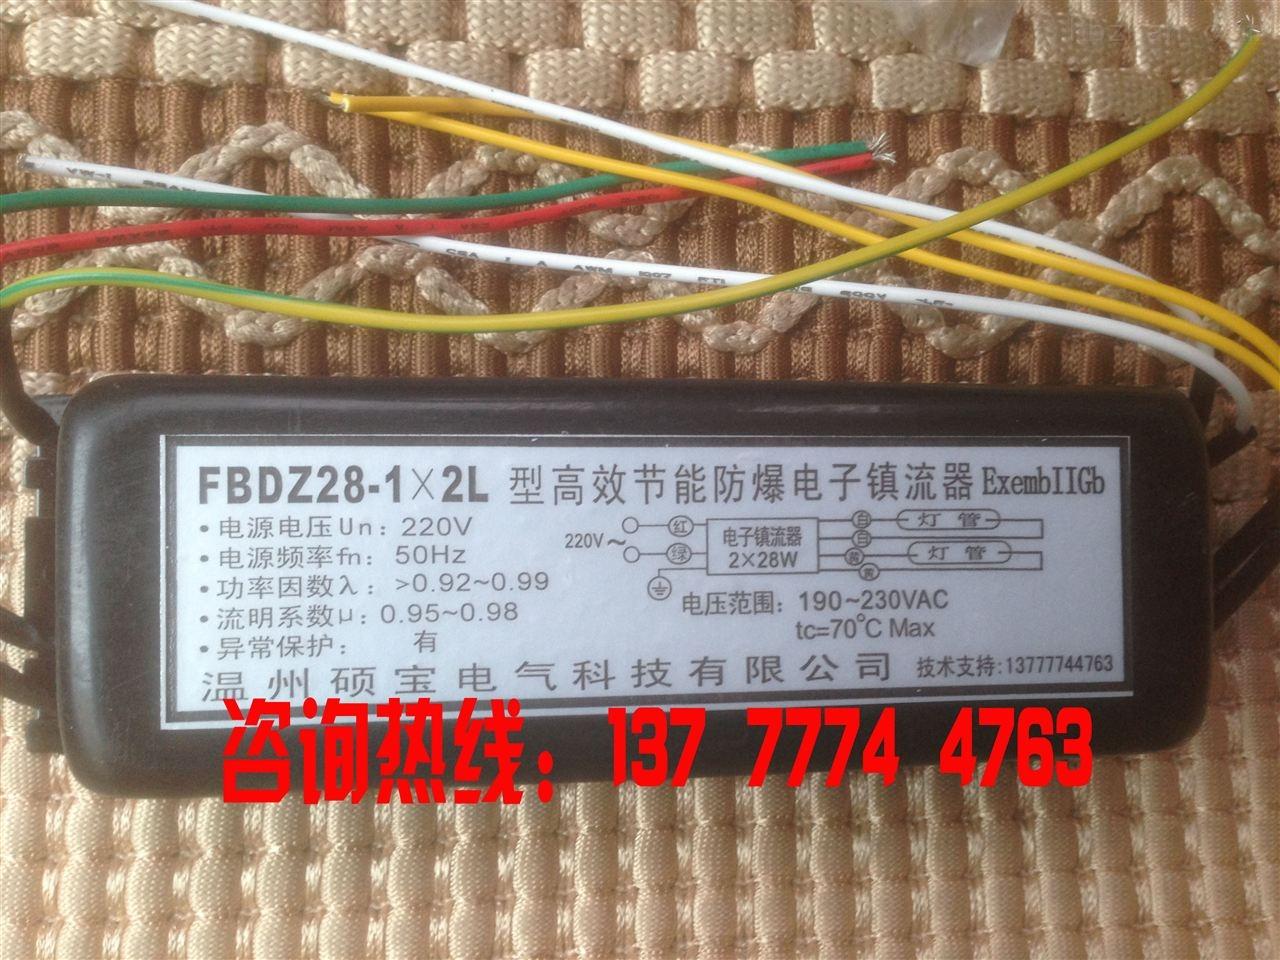 FBDZ28-1X2L高效节能防爆电子镇流器